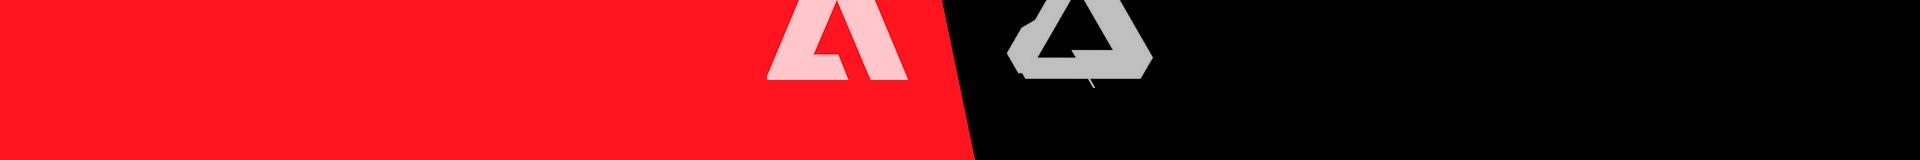 affinity vs photoshop